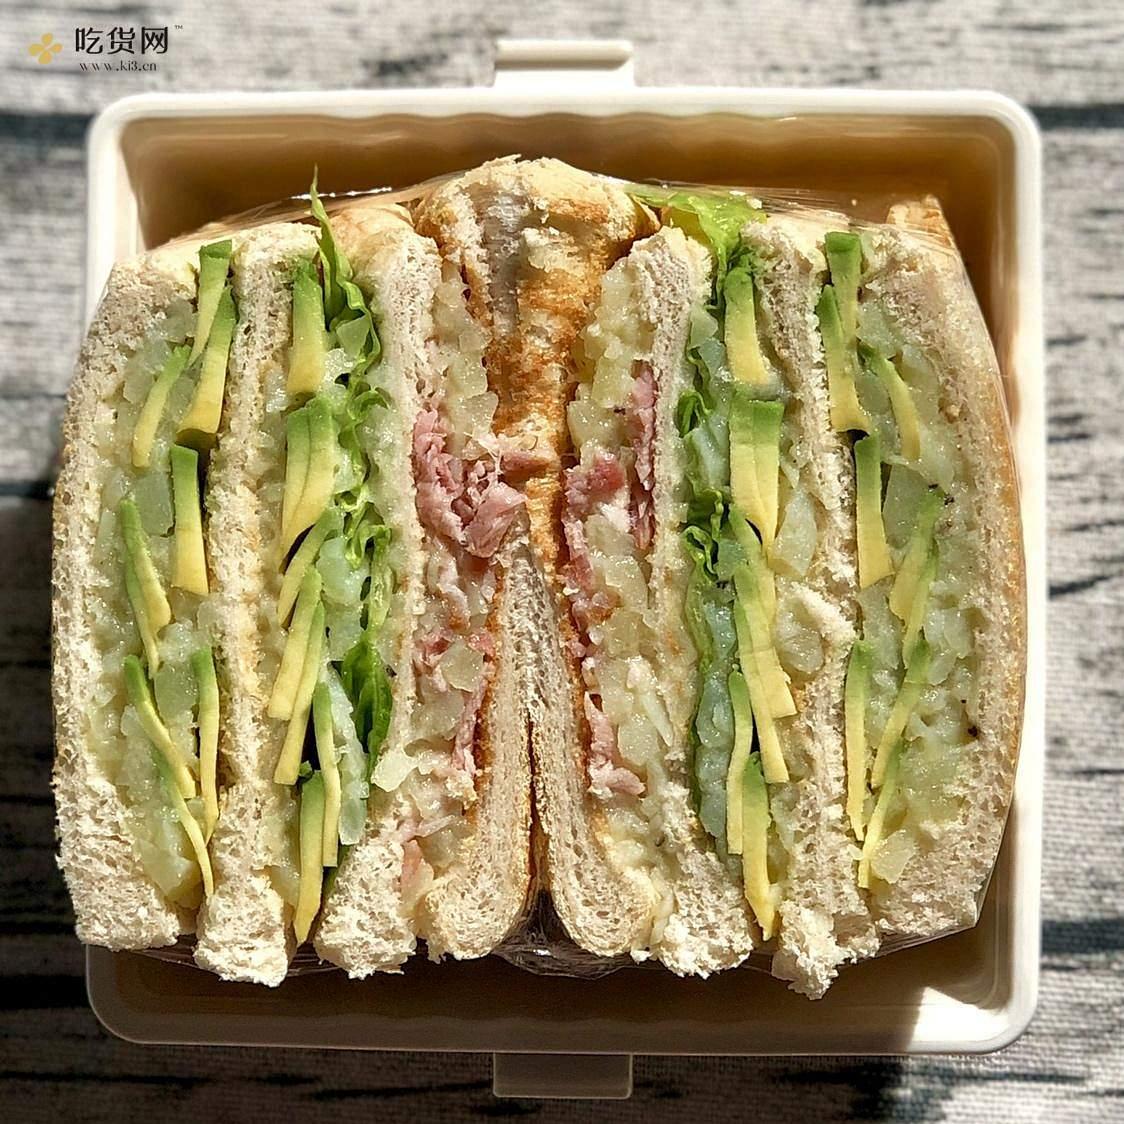 视觉味觉爆炸的全麦三明治系列|减脂万能公式 欢迎来玩!的做法 步骤35